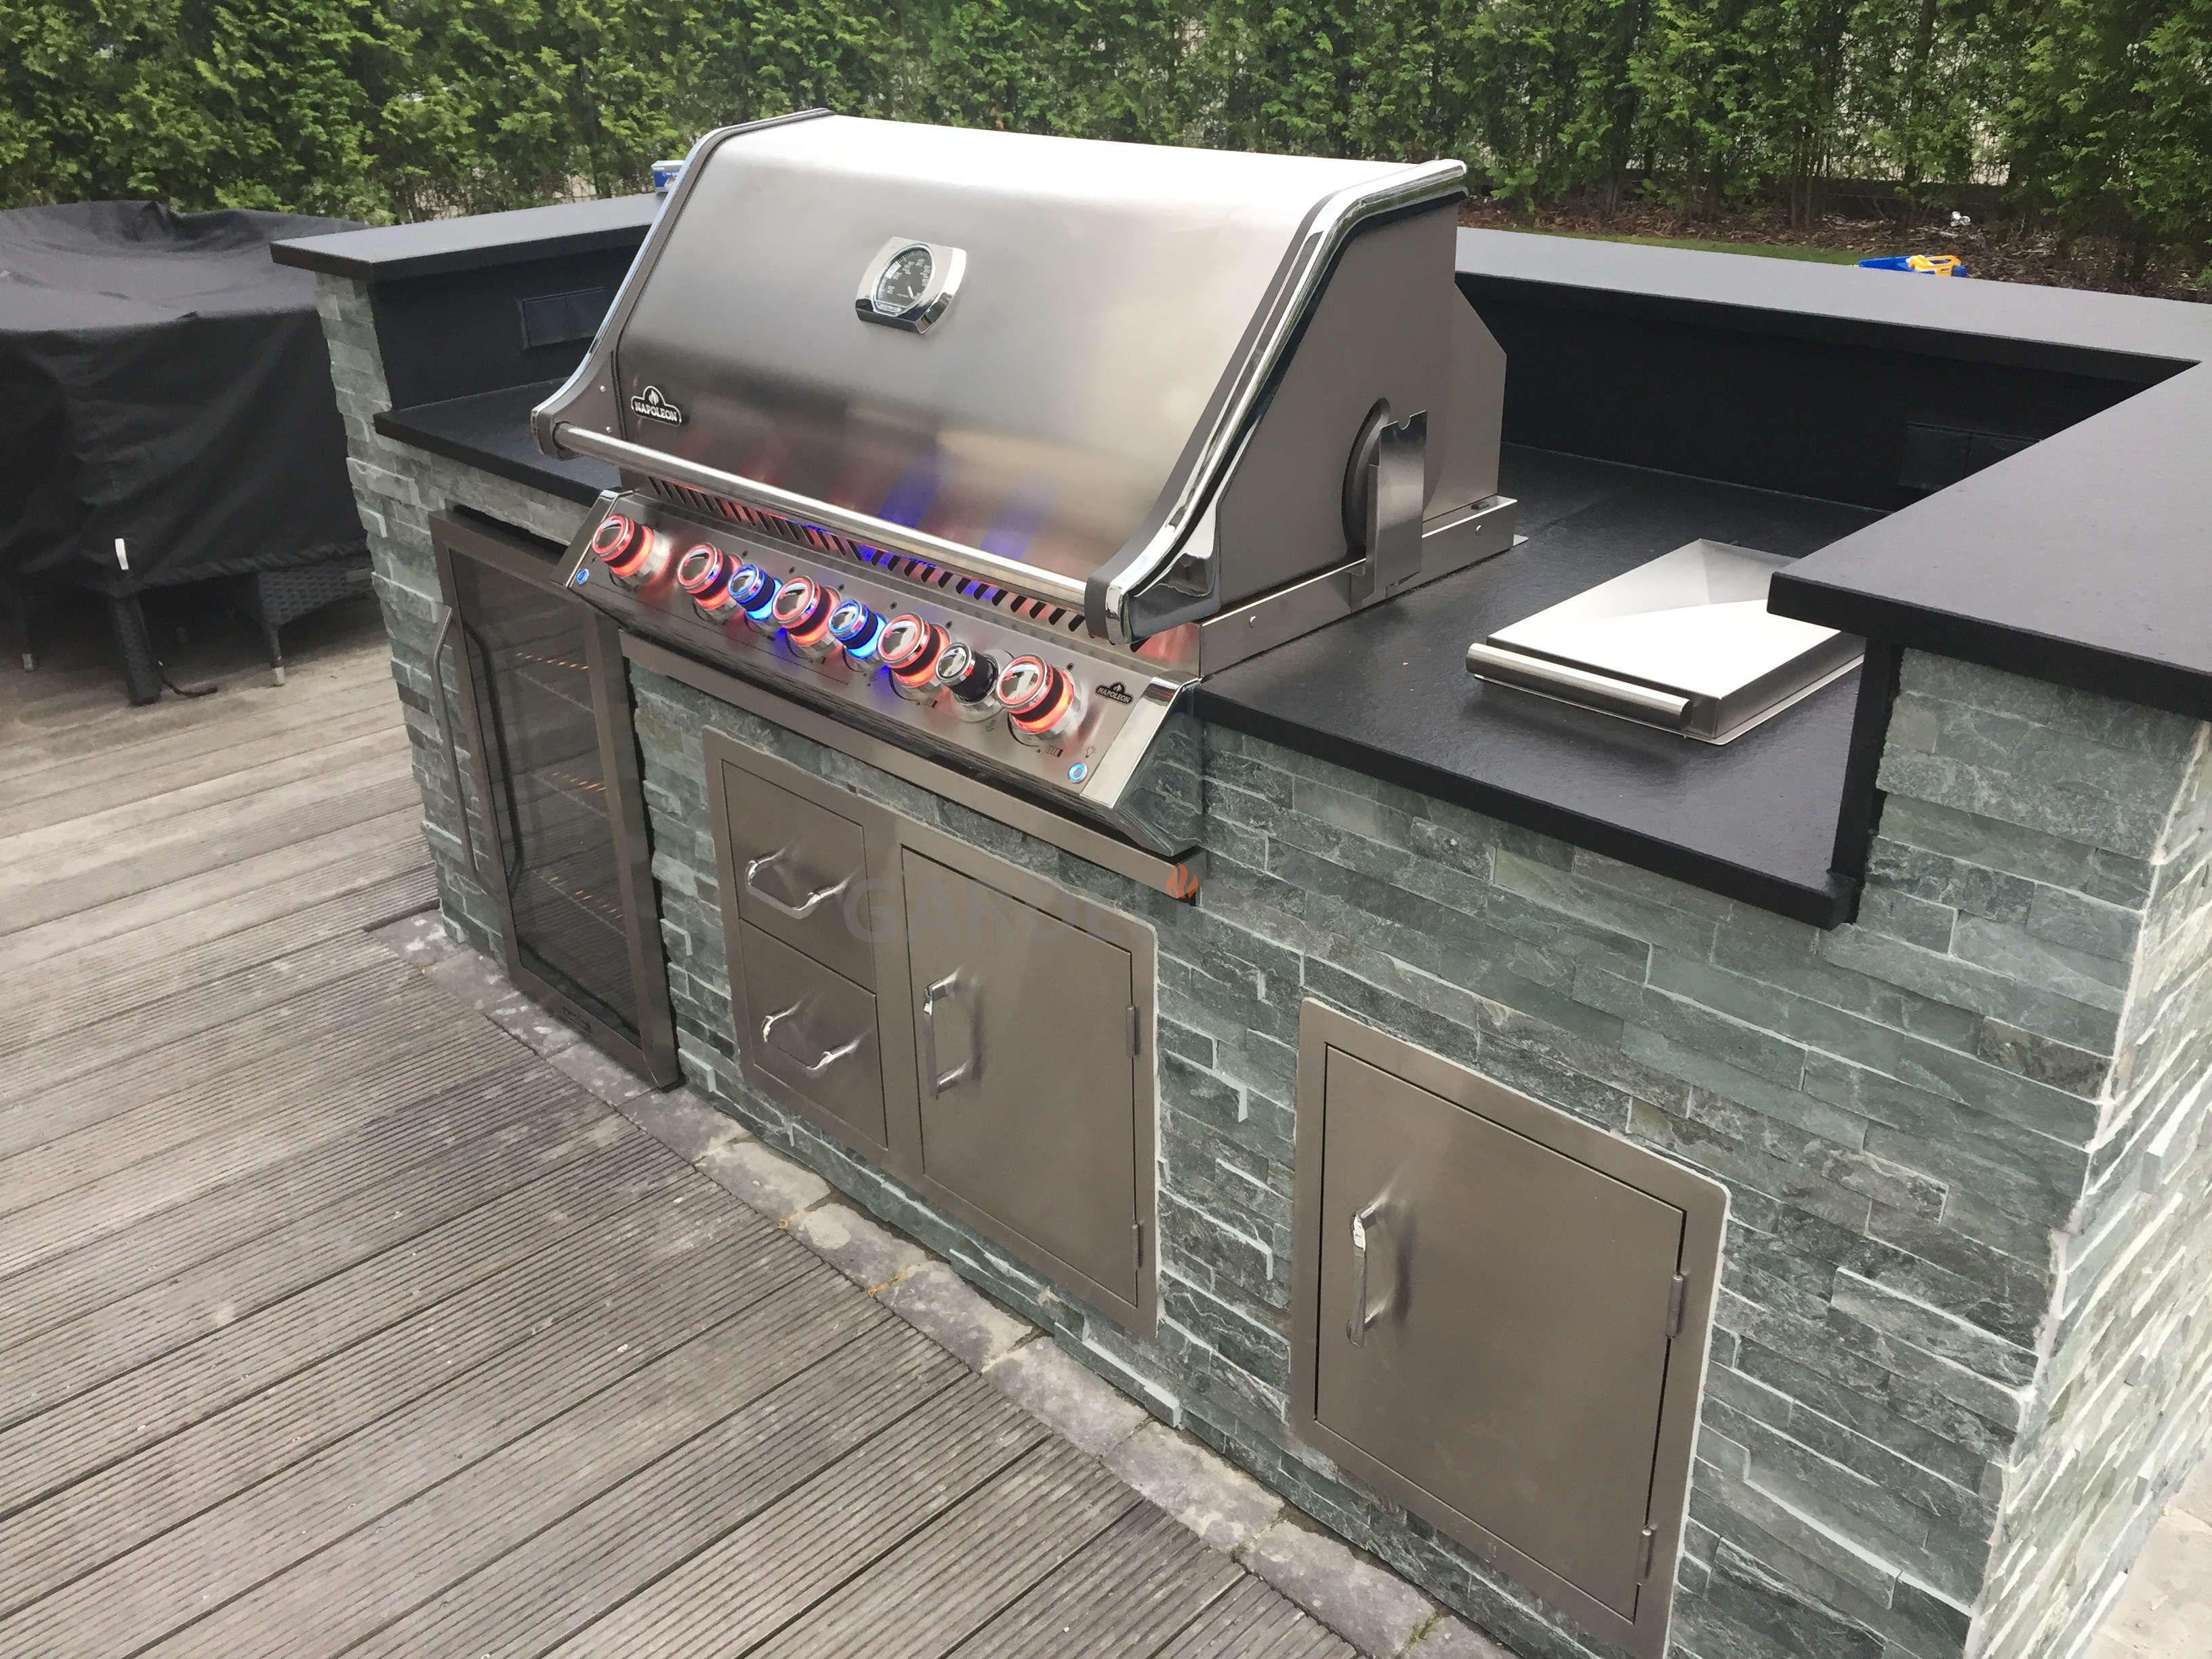 Outdoor Küche Kühlschrank : Outdoor küche edelstahl mit kühlschrank edelstahl miniküche mpgsm